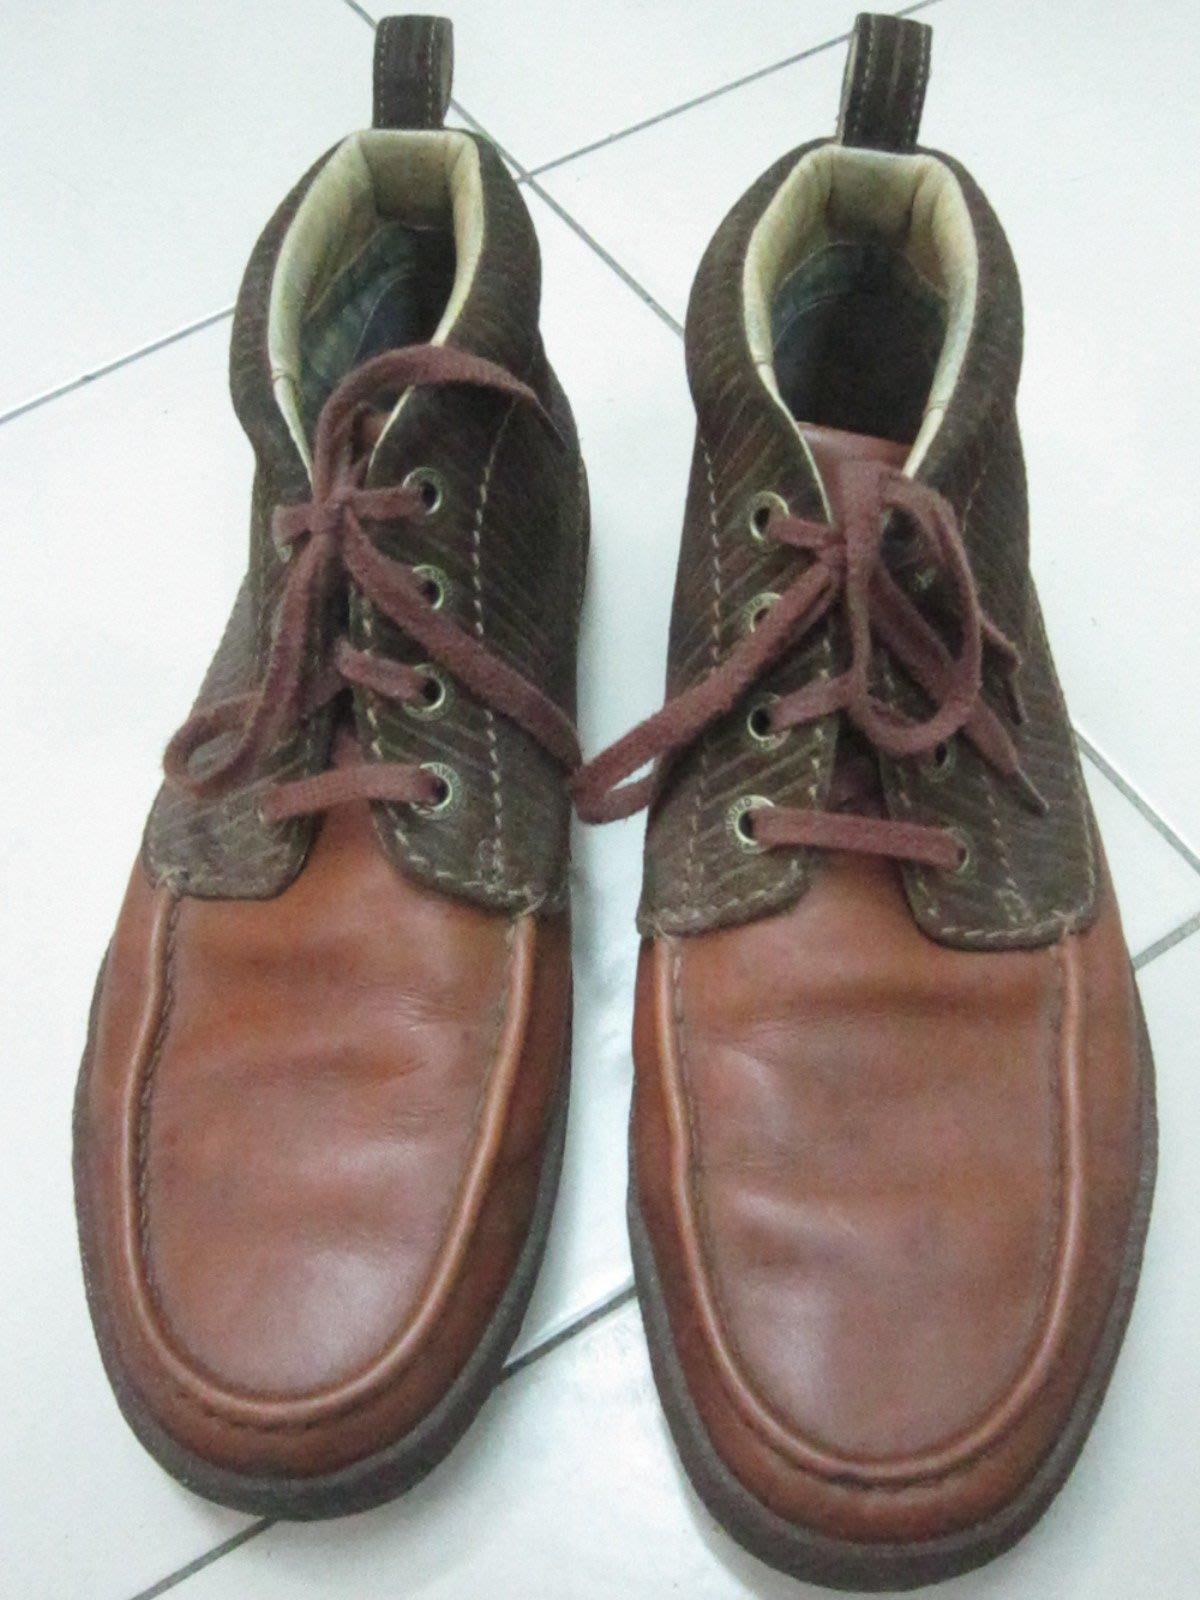 台北自售:英國經典Clarks專櫃時尚男雙色休閒靴非palladium Dr.Martens義大利schott皮衣元起標